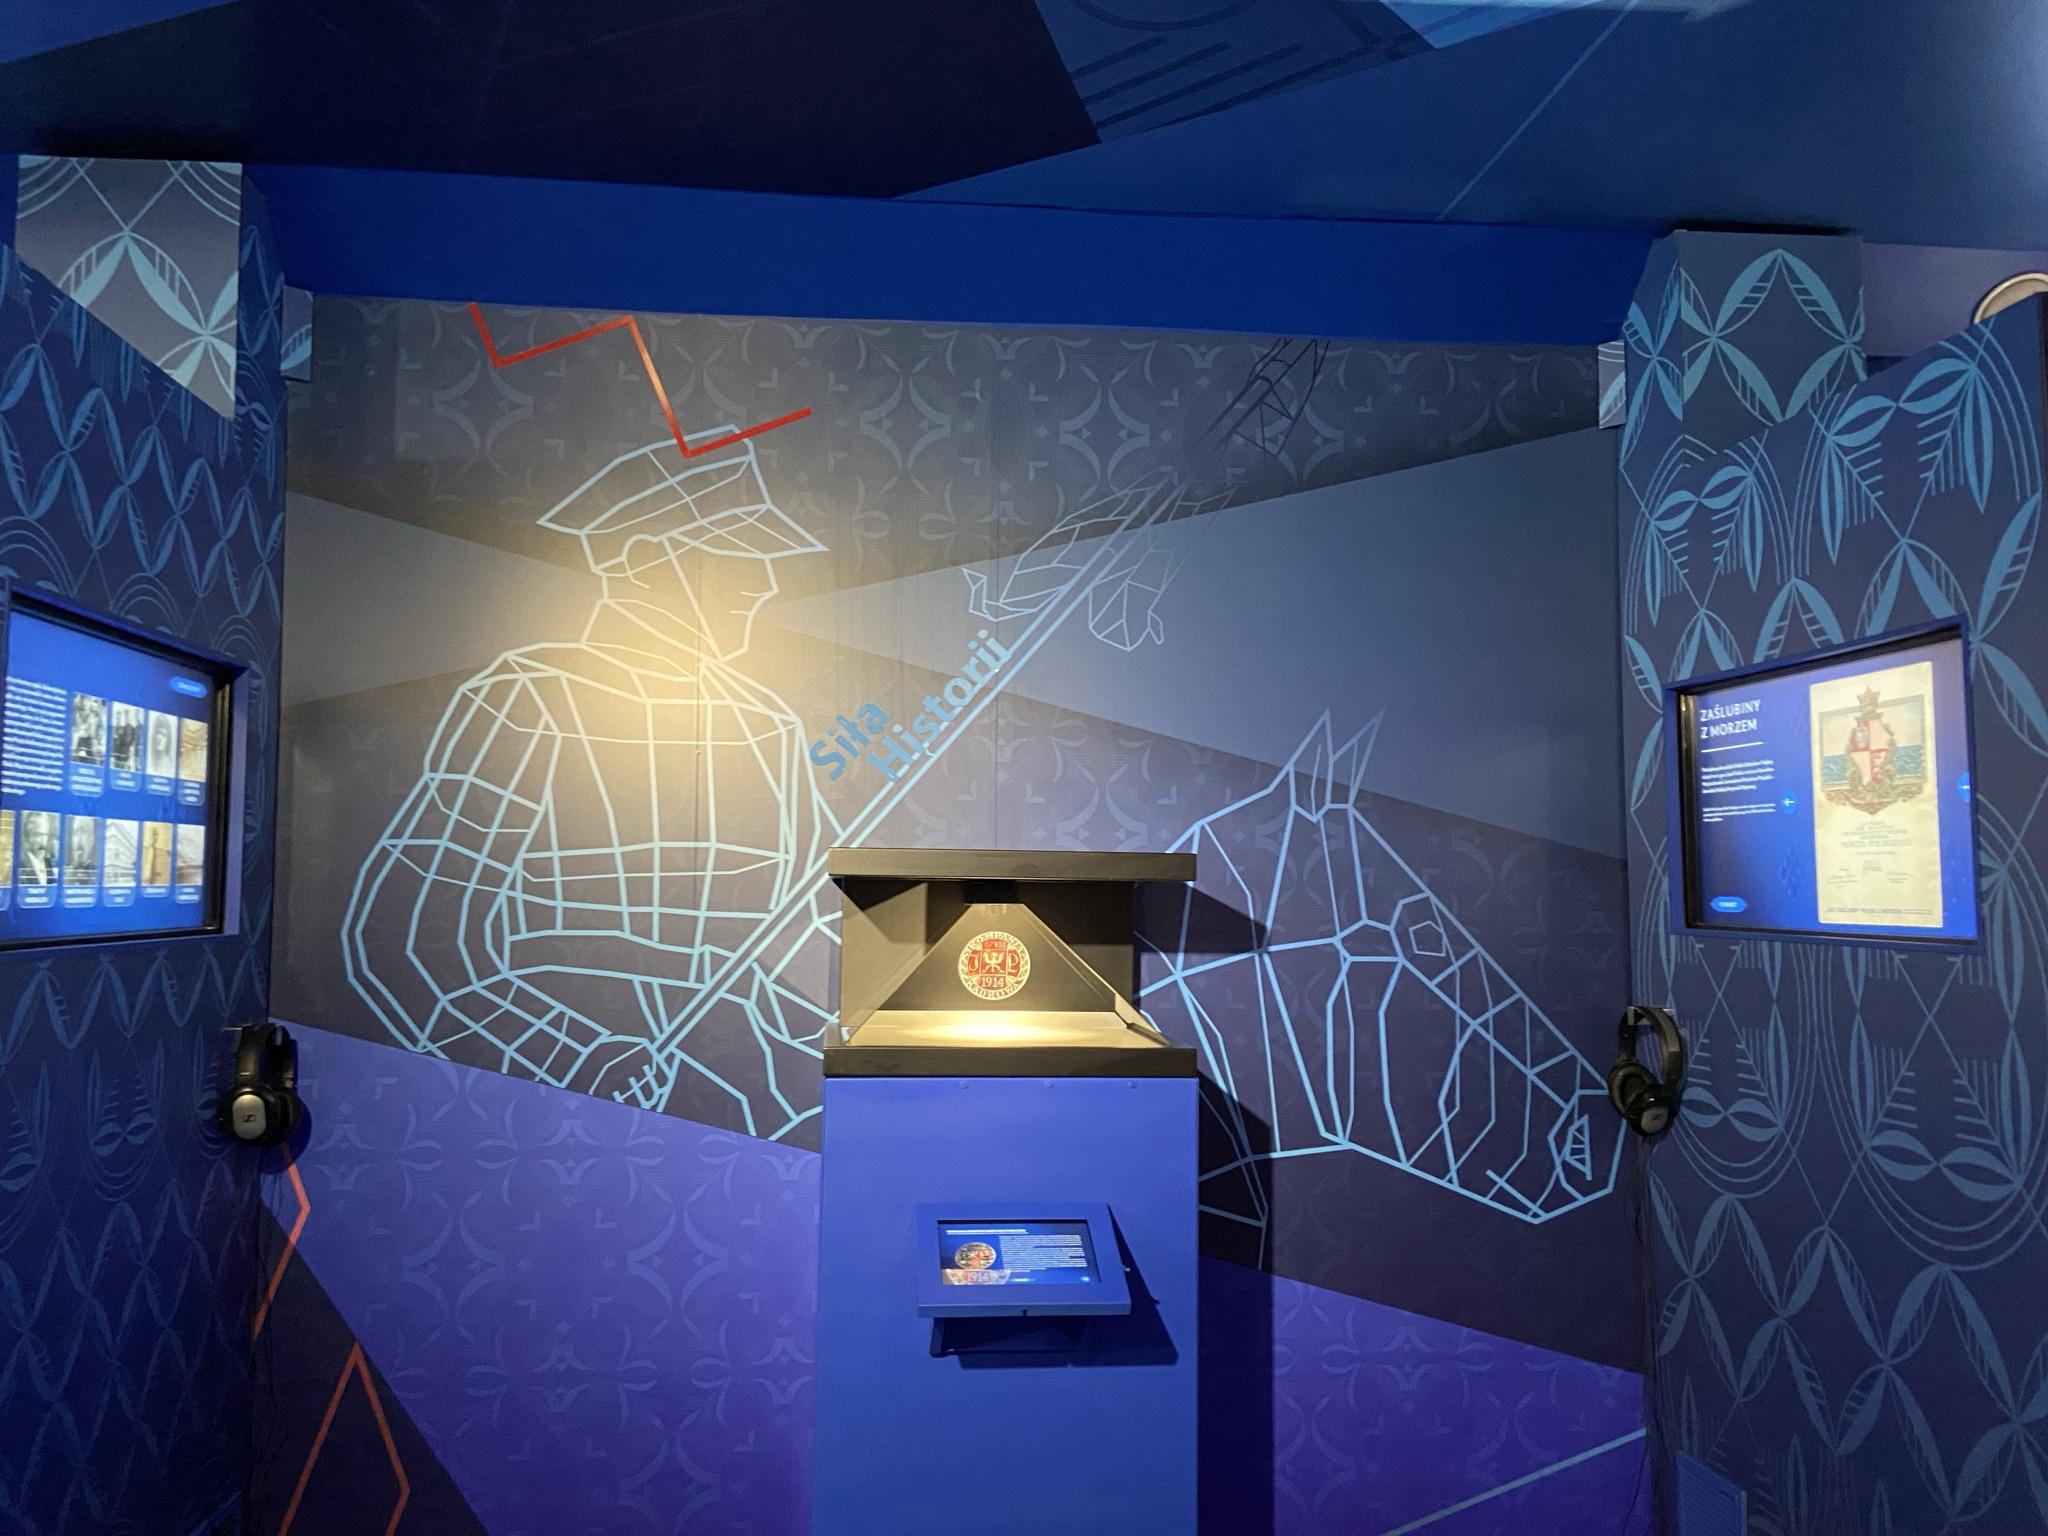 zdjęcie ukazujące elementy multimedialny i fragment dekoracji graficznej wnętrza tira